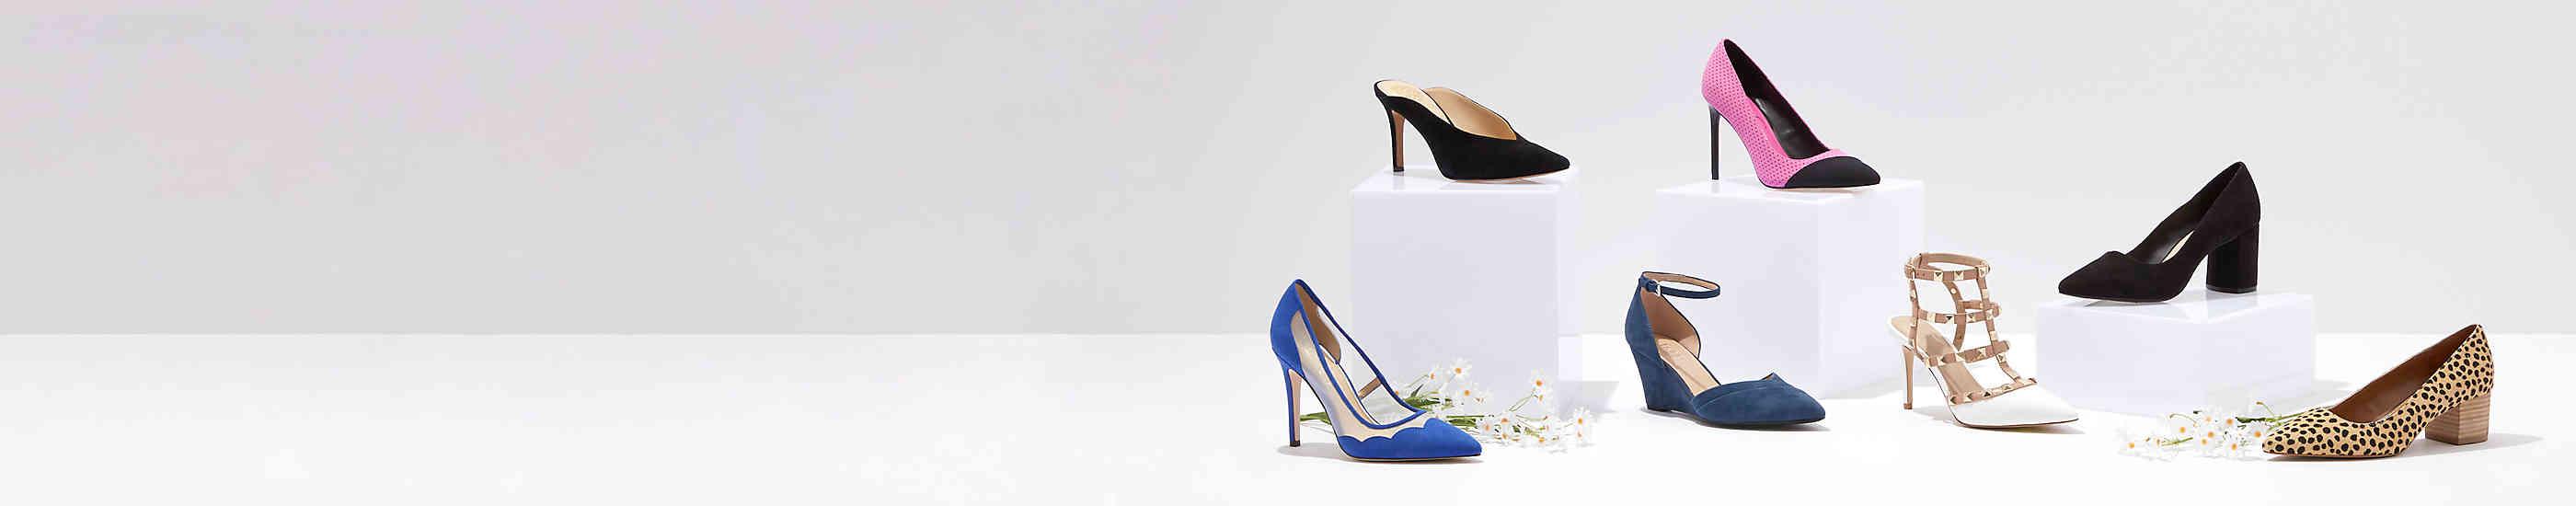 acfce7439d4 Women s Pumps   Heels